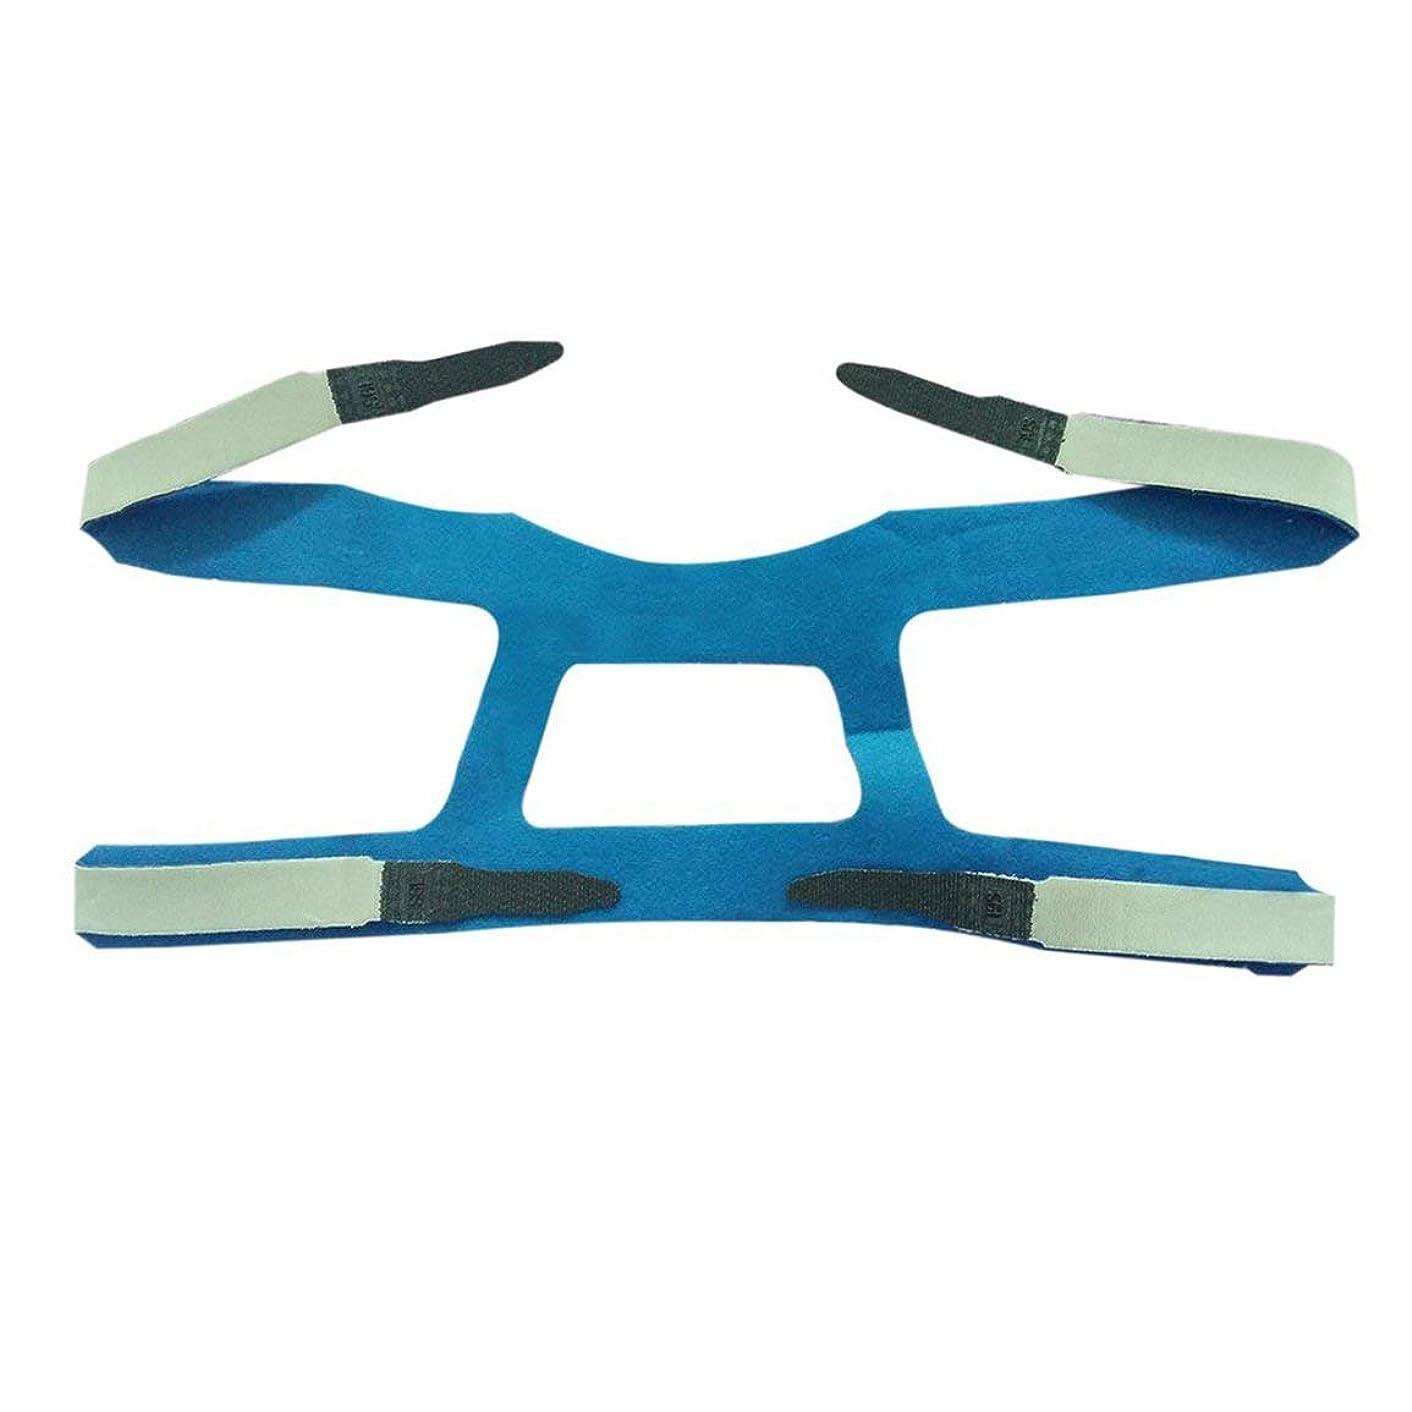 害虫地理群集ユニバーサルデザインヘッドギアコンフォートジェルフルマスク安全な環境の交換用CPAPヘッドバンドなしPHILPS - グレー&ブルー